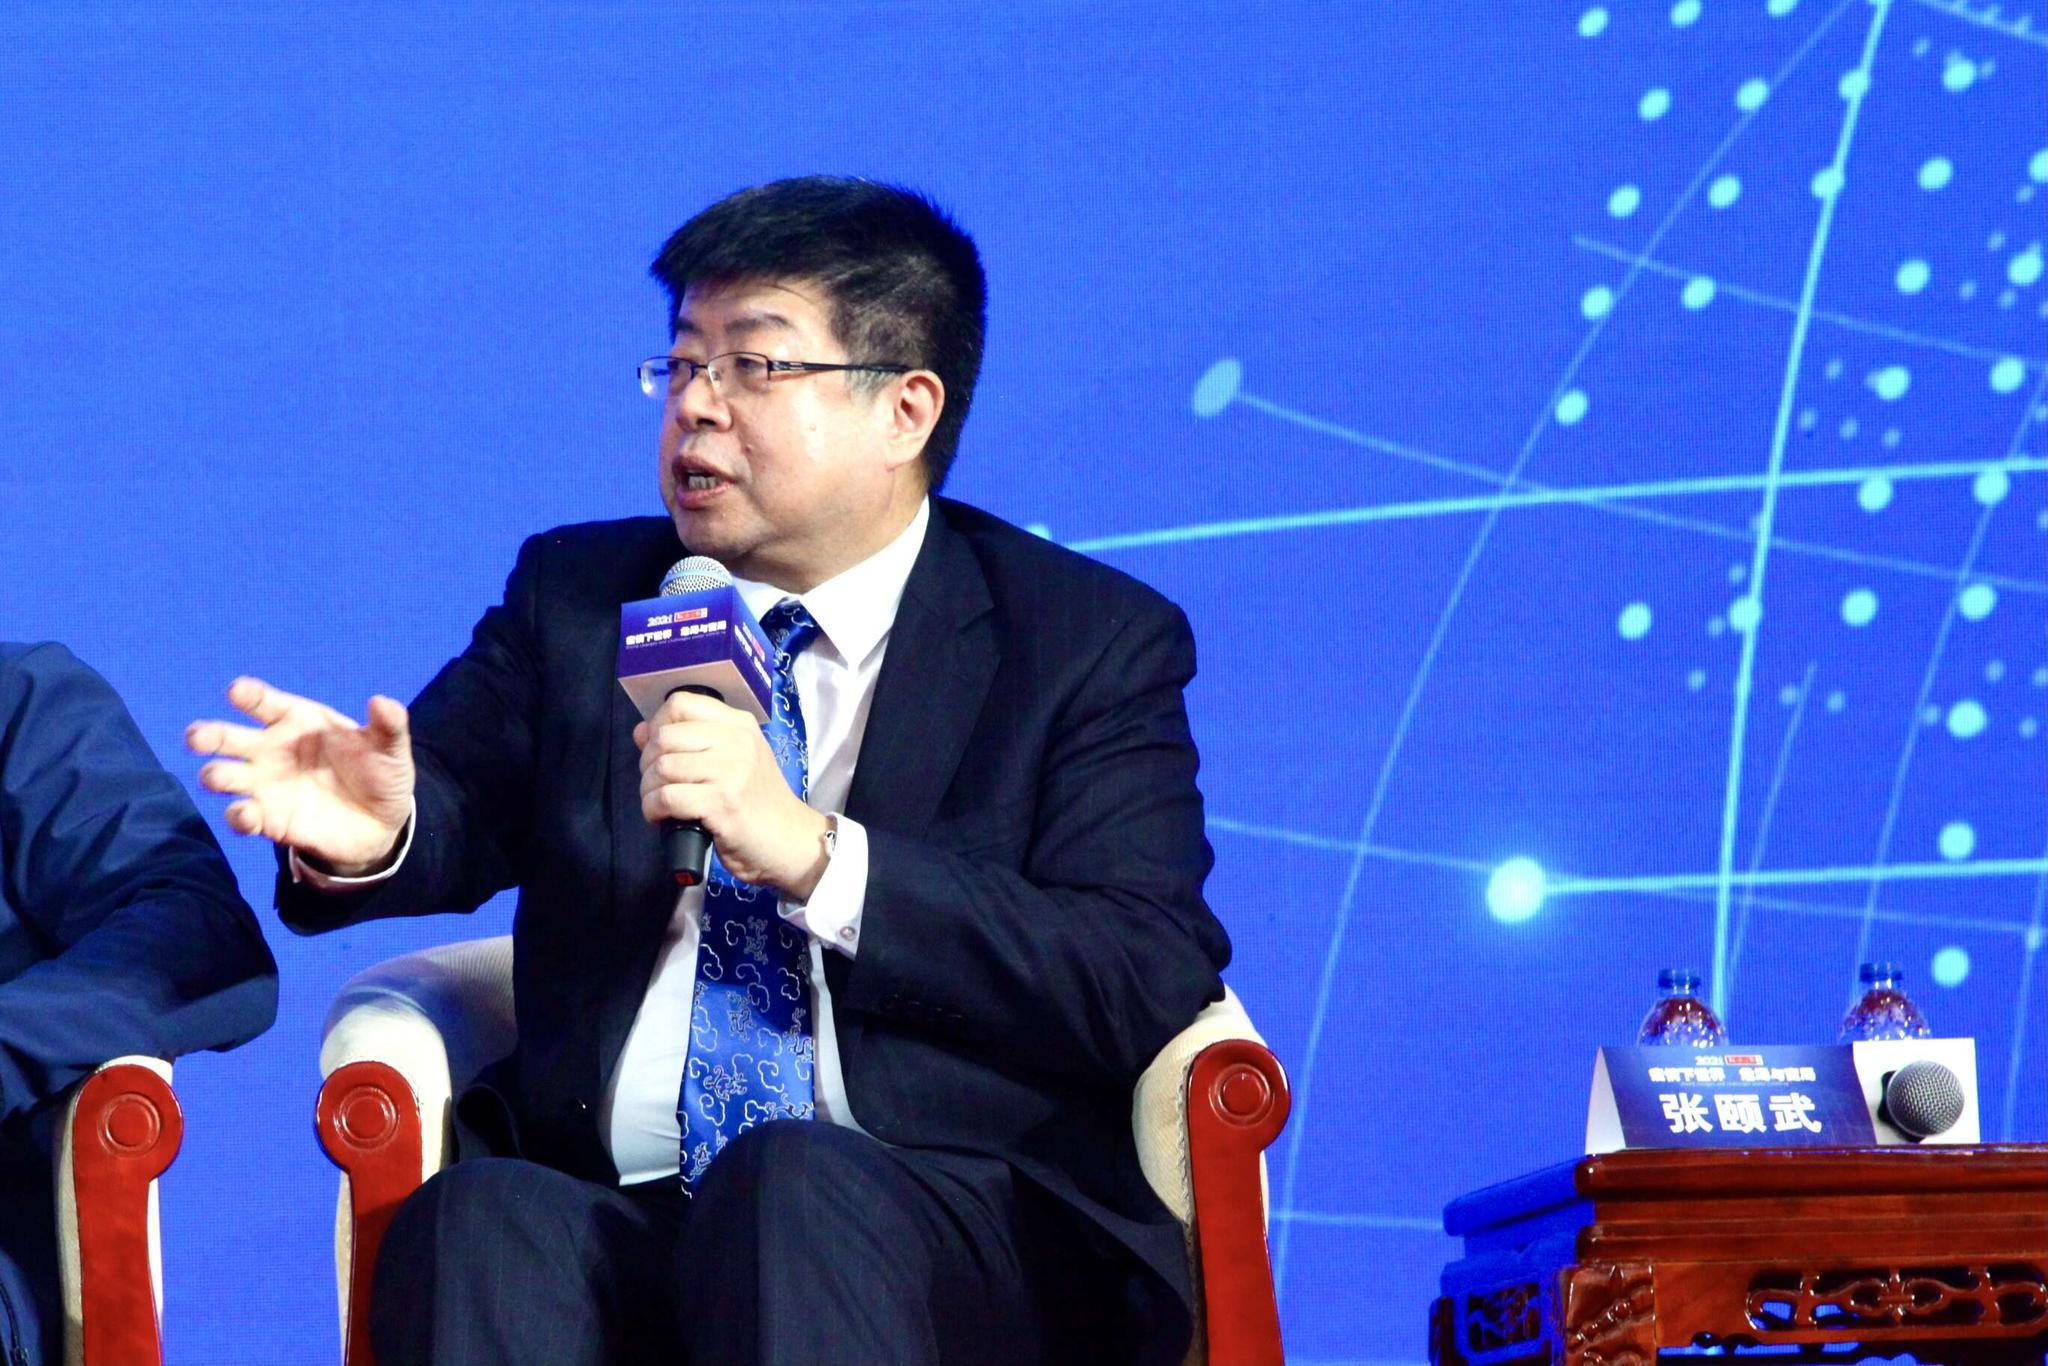 """张颐武:禁TikTok和微信,说明美国担心未来在文化上被中国""""卡脖子""""图片"""